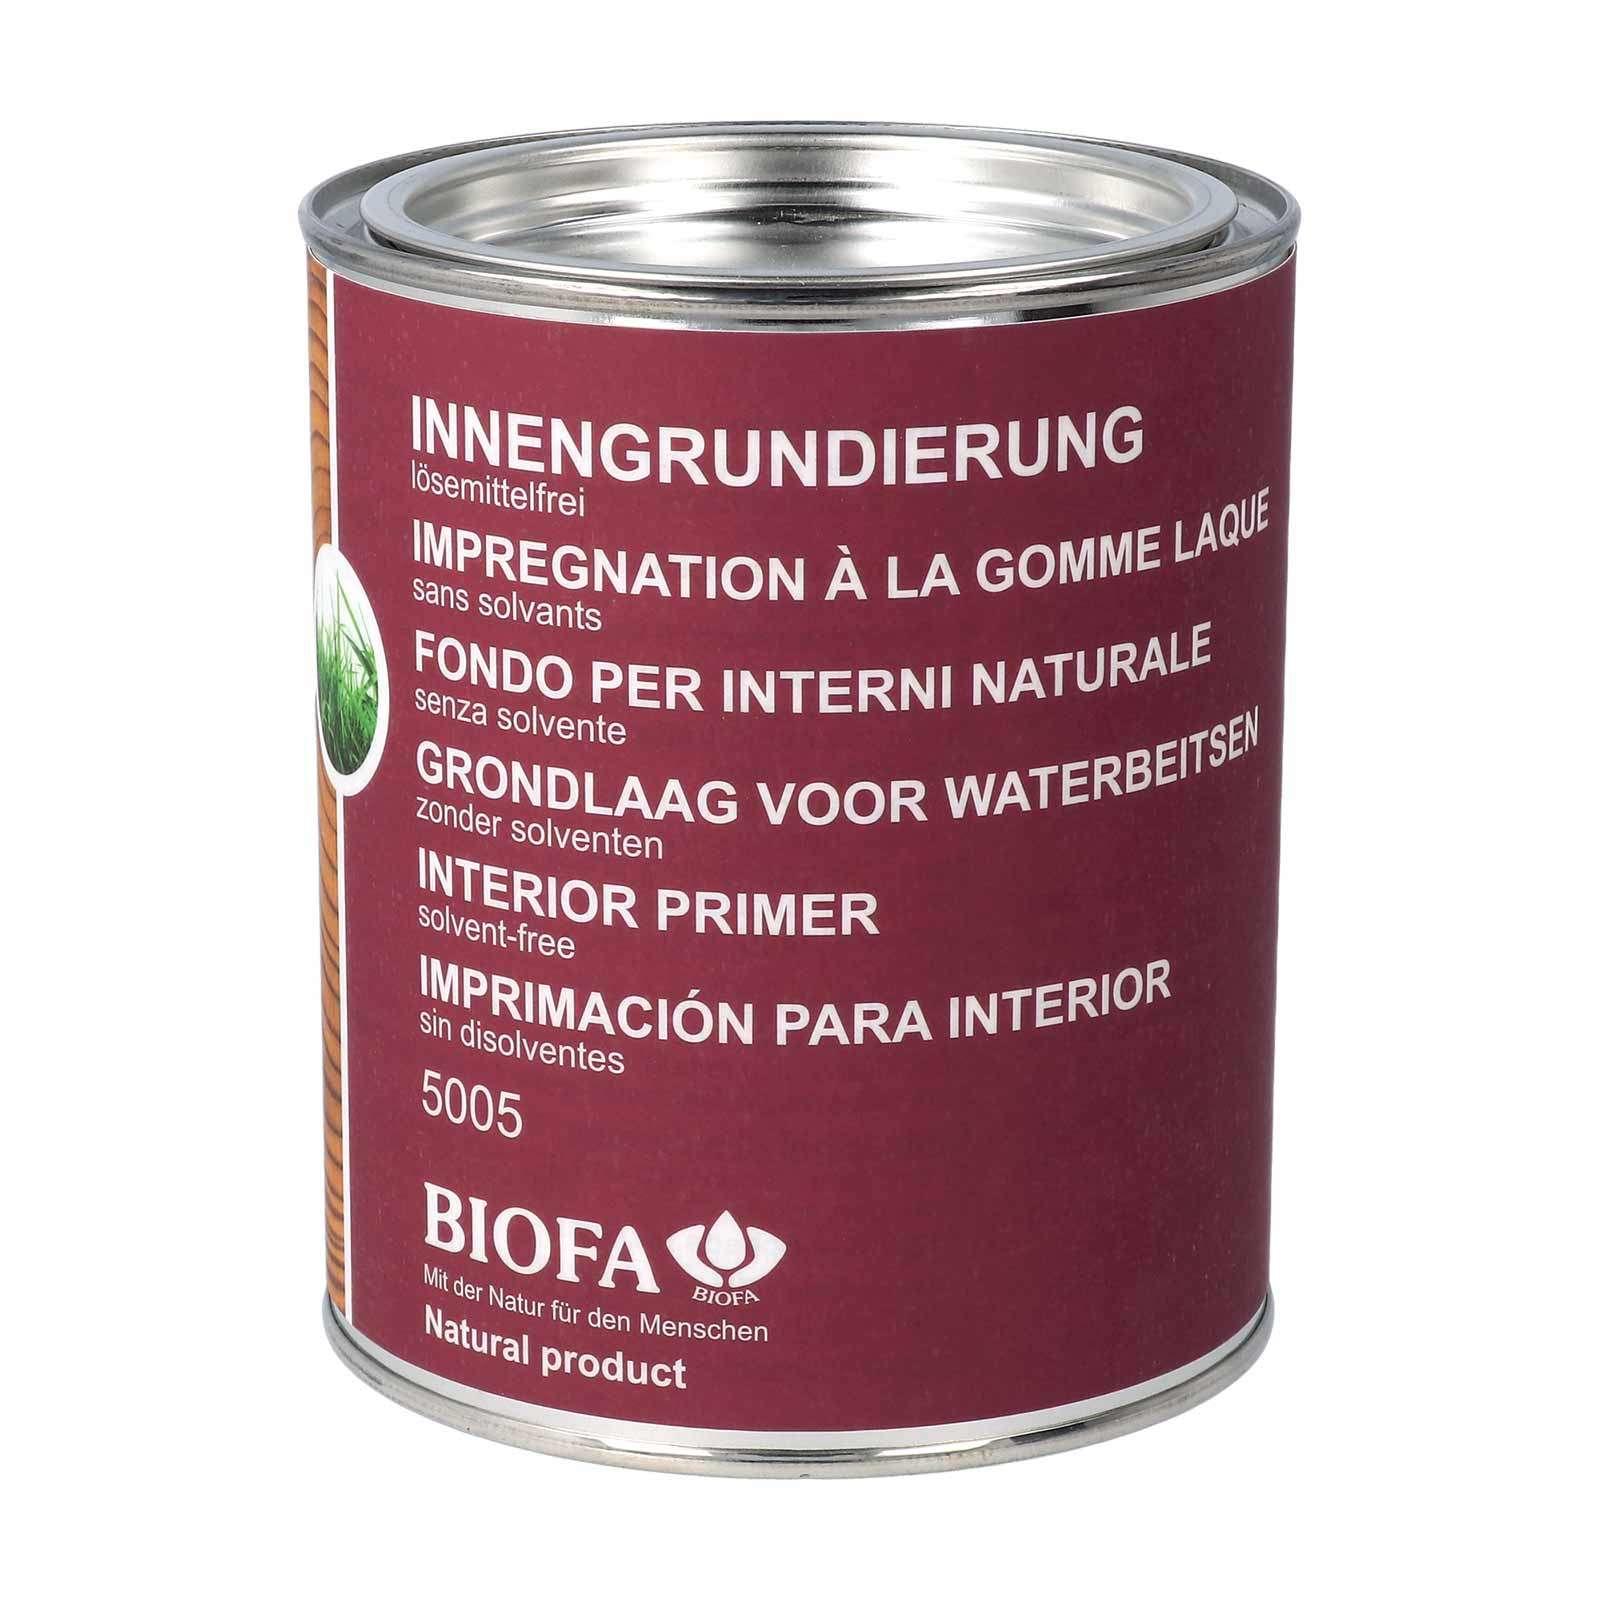 biofa holzgrundierung innen: holz grundieren vor lackieren - purenature